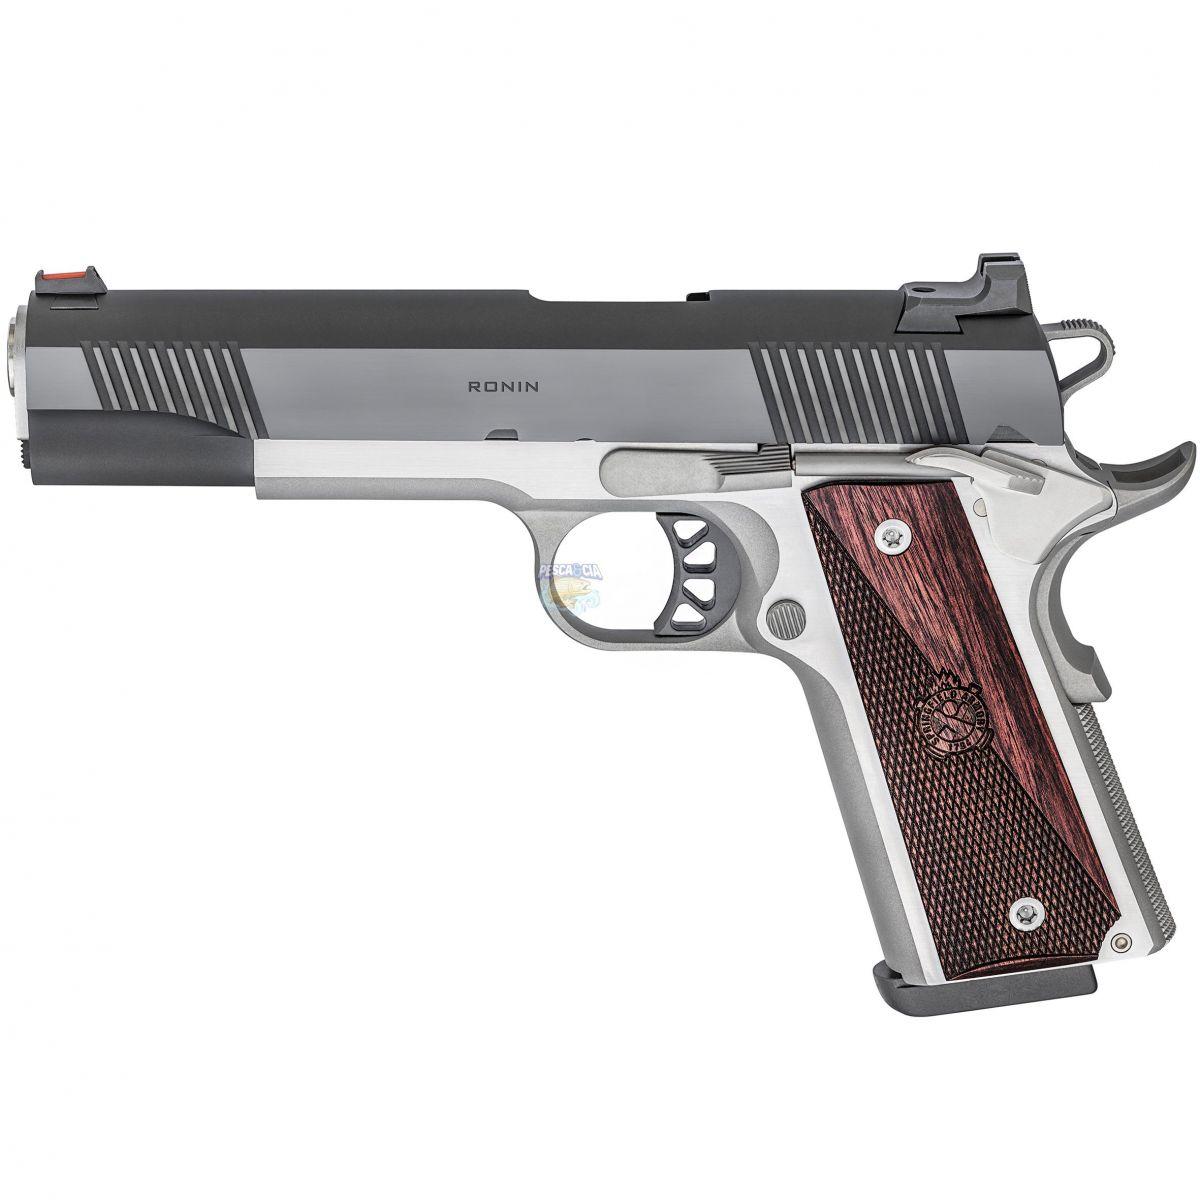 """Pistola Springfield 1911-A1 RONIN Cal.45ACP 8 Tiros - Cano 5"""" Polegadas ** Pré-Venda"""